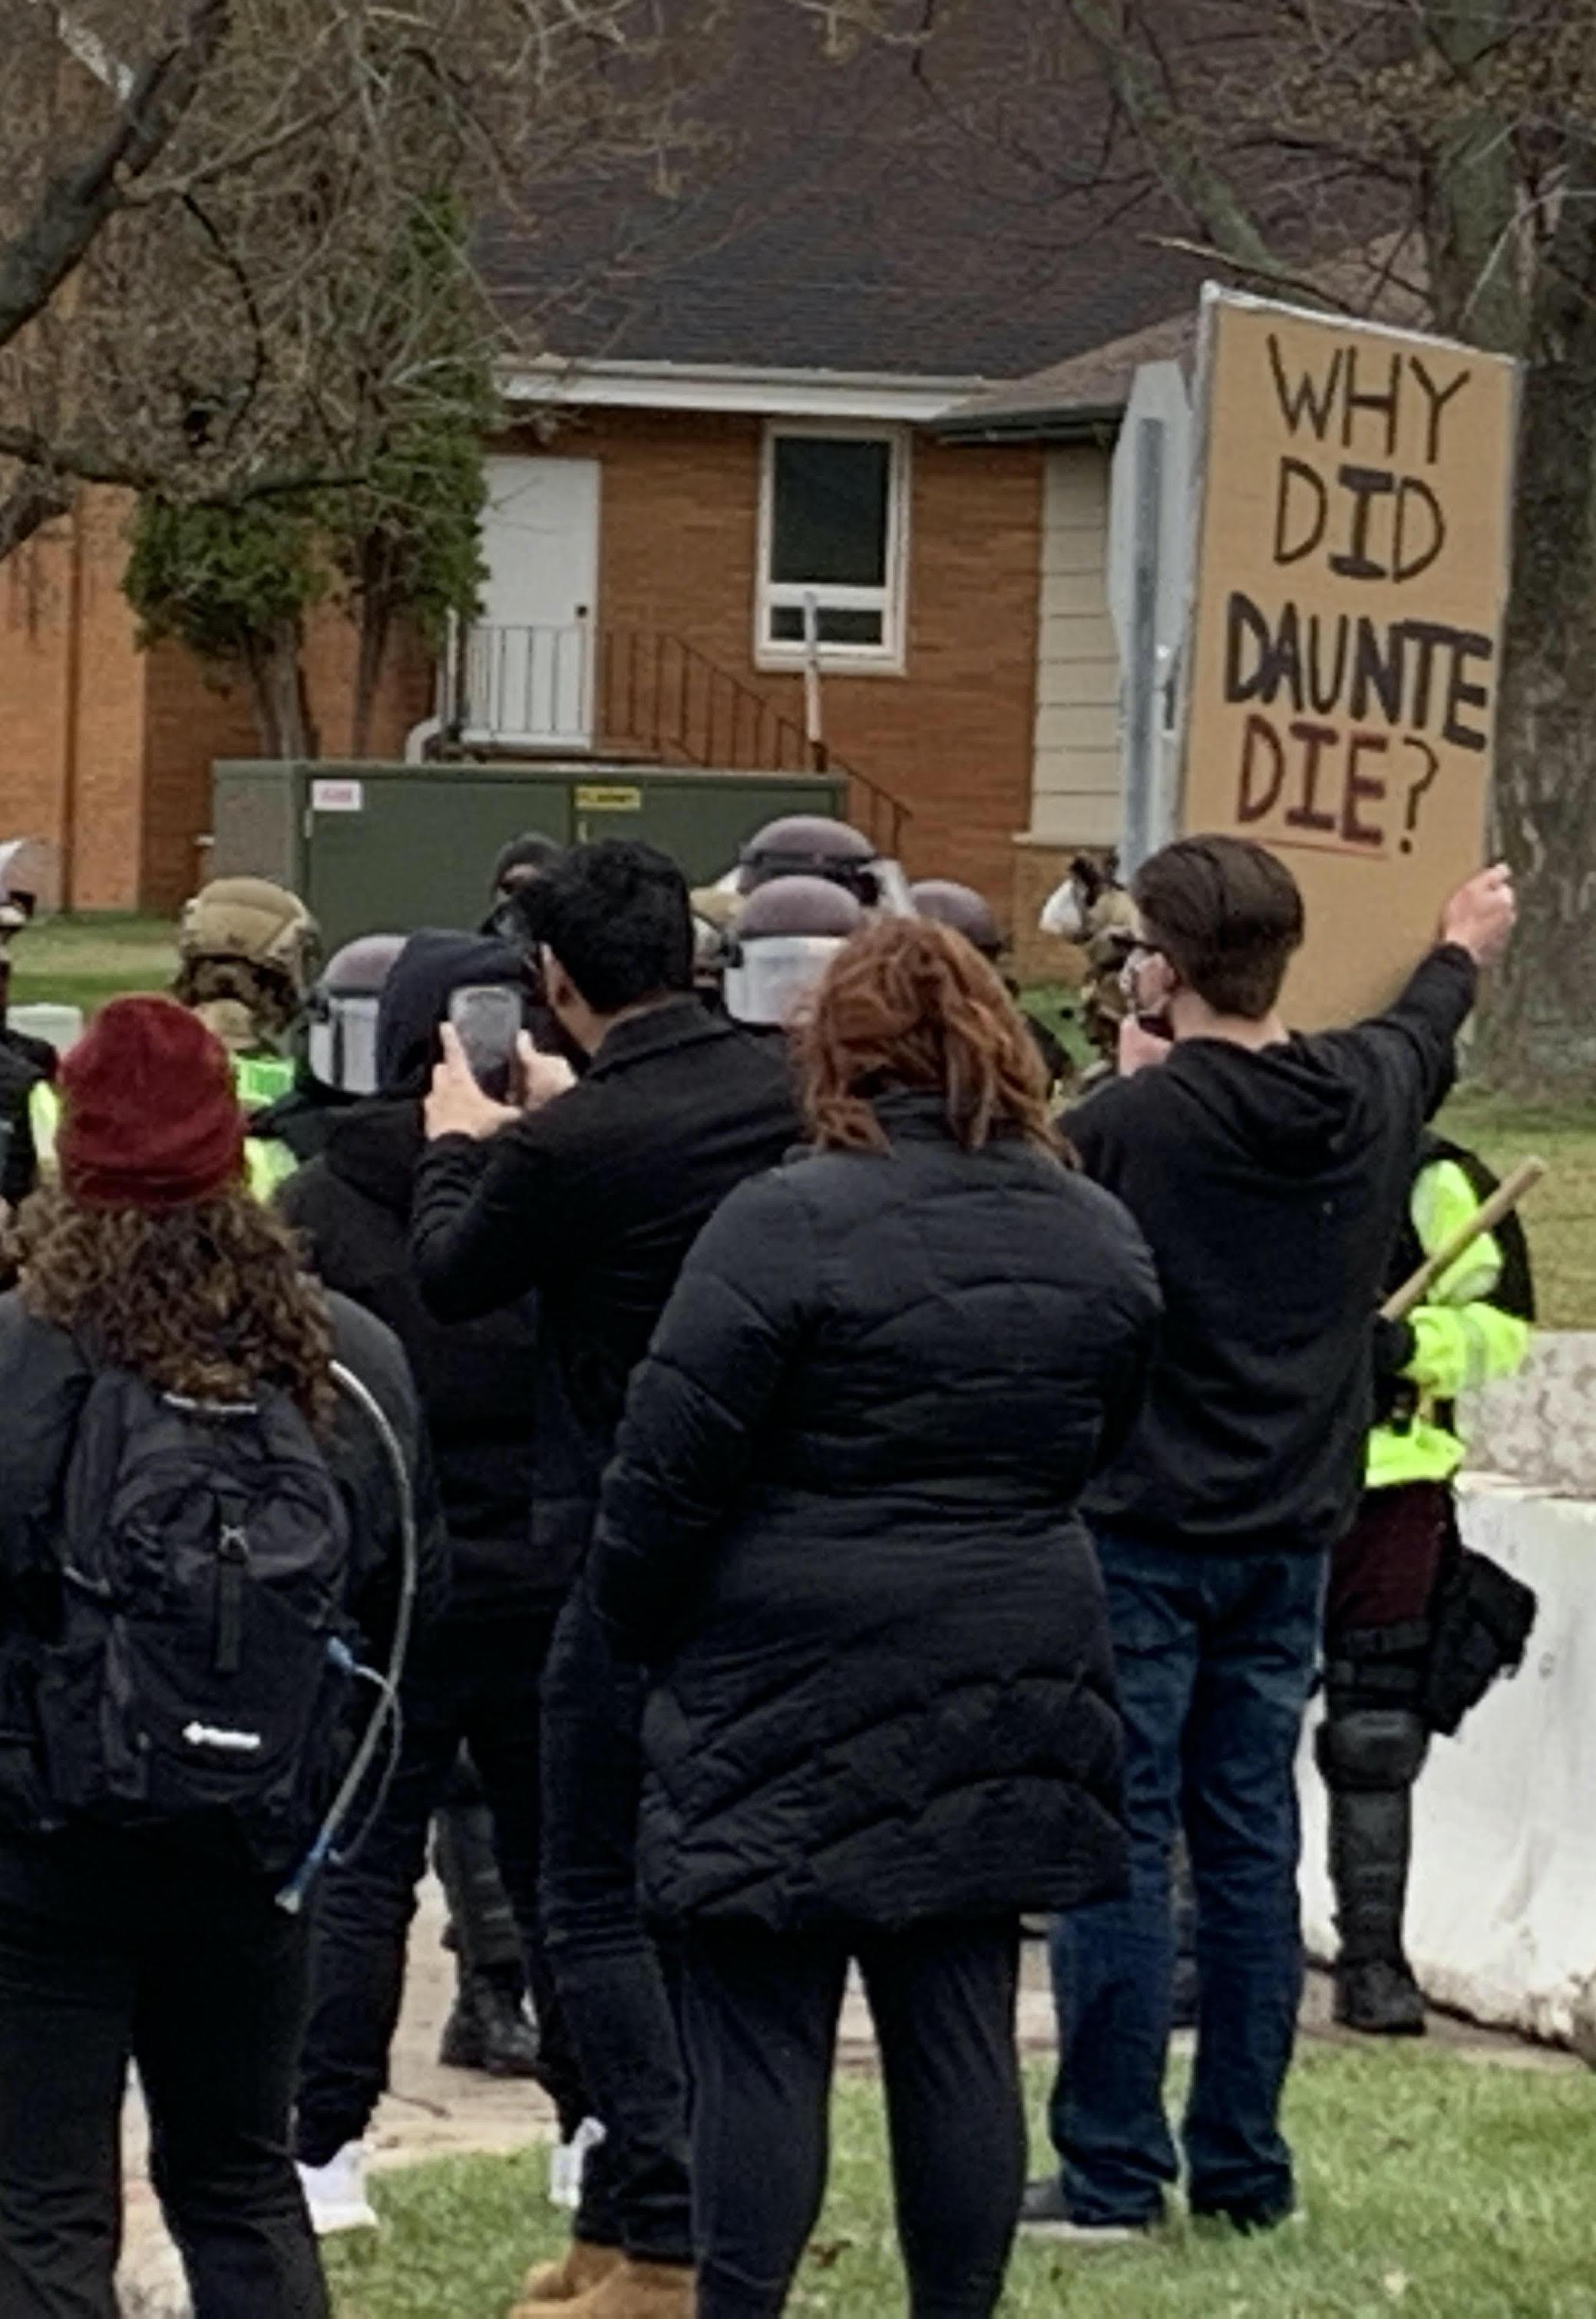 Protestors in Brooklyn Center, Minn. on April 12.